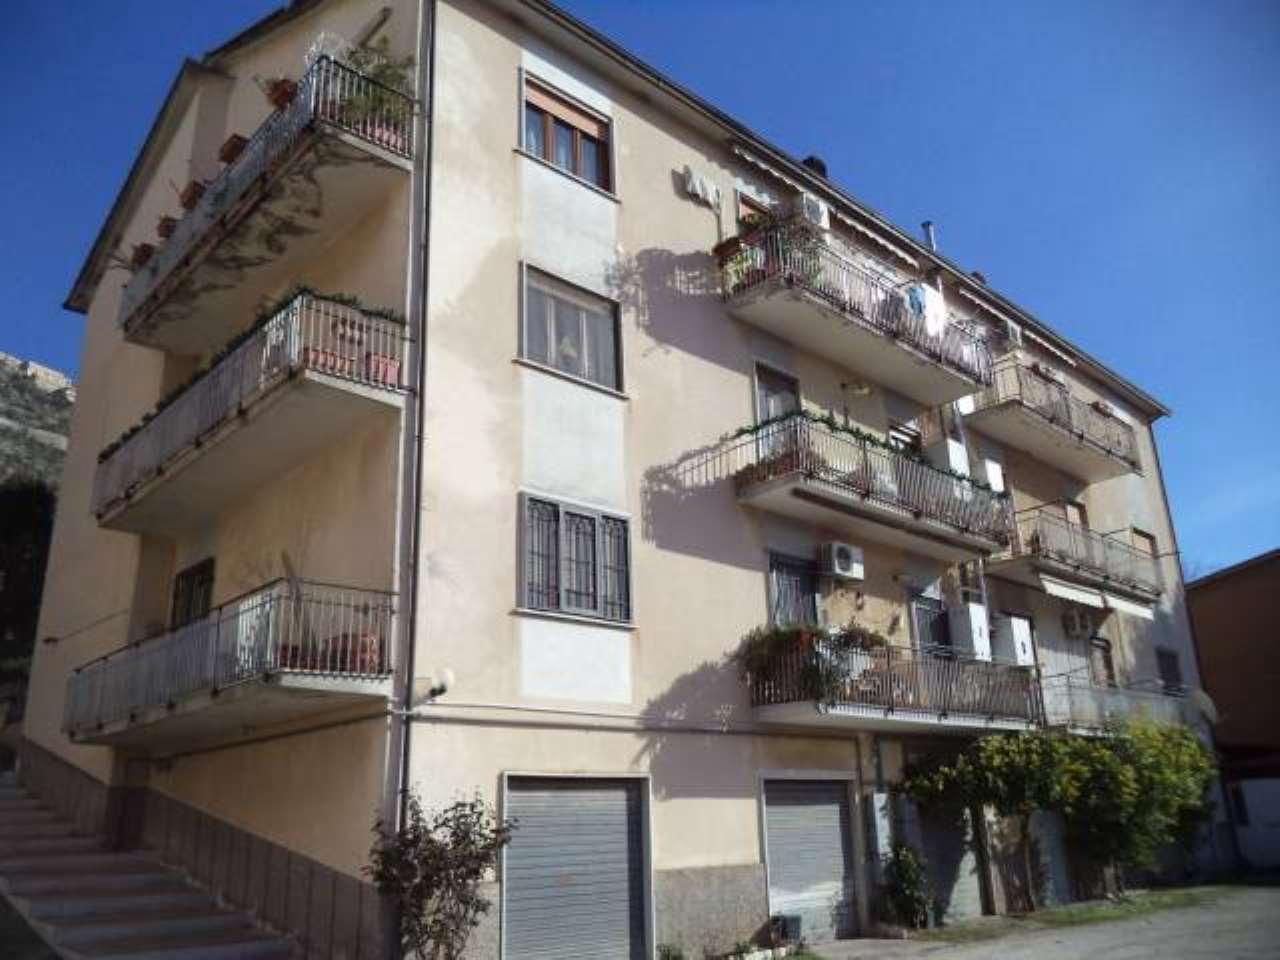 Appartamento in vendita a Arce, 3 locali, prezzo € 128.000 | CambioCasa.it